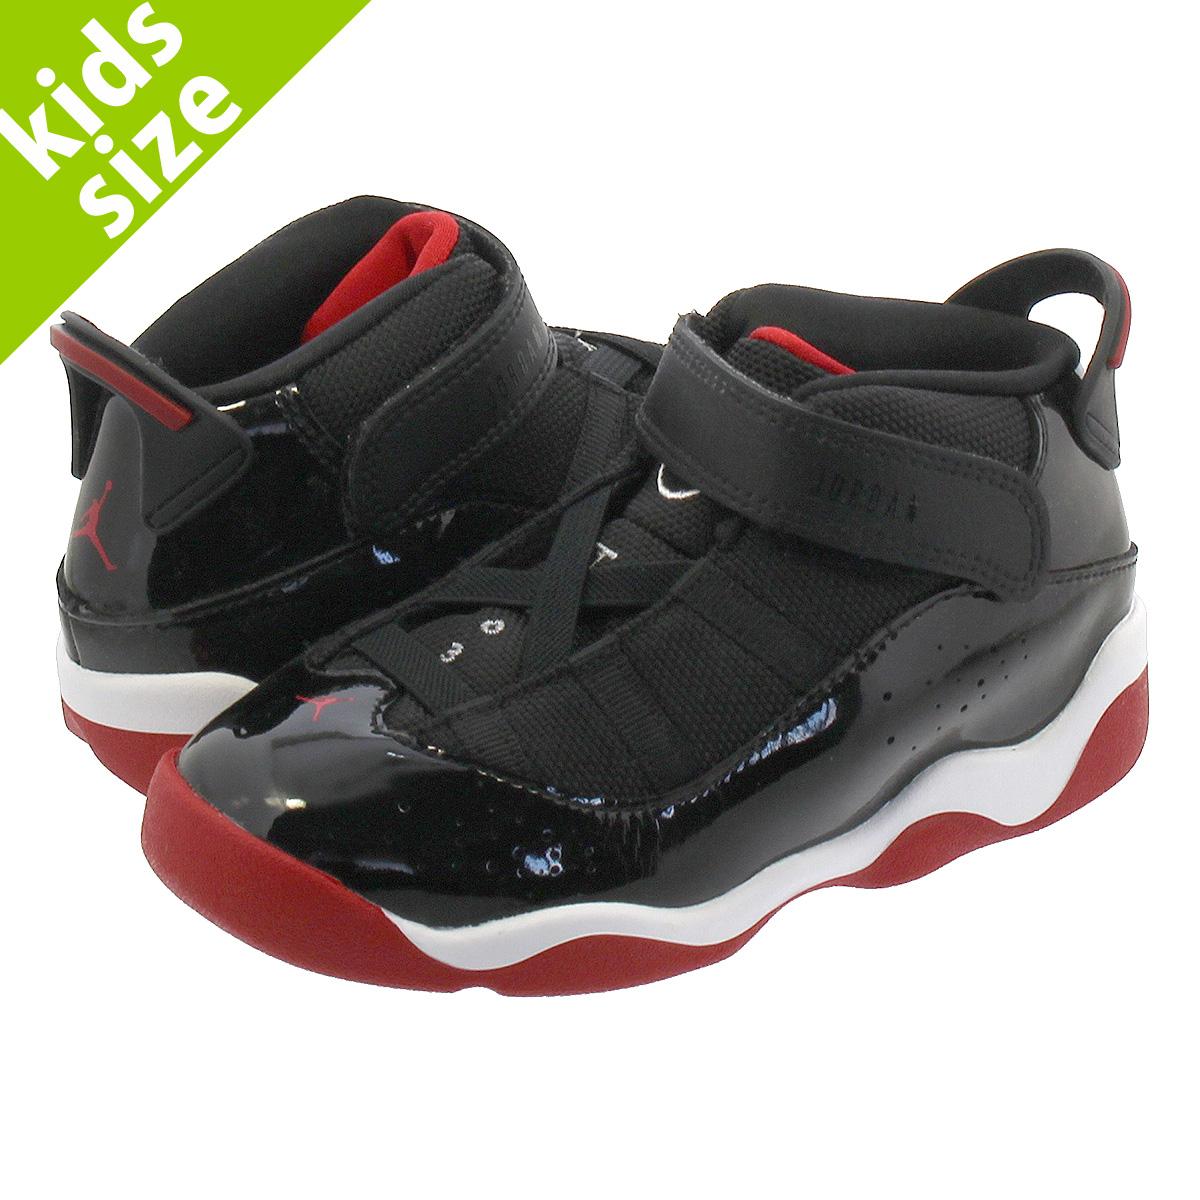 hot sale online 16bed 9894d NIKE JORDAN 6 RINGS TD Nike Jordan 6 RINGS Co.,Ltd. TD BLACK/VARSITY  RED/WHITE 323,420-062